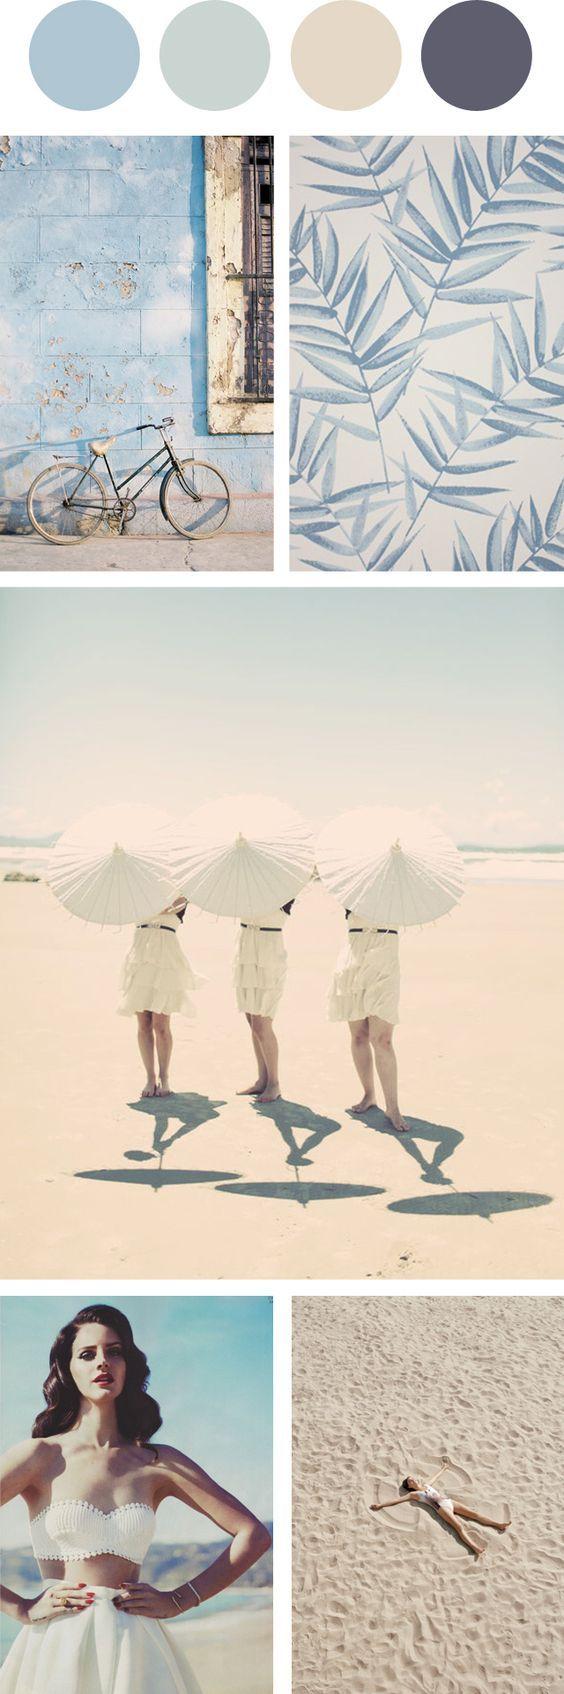 Ein Tag voller Sonne, Luft und Weite - denkt man an den hellen Farbtyp denkt man an Leichtigkeit und Frische! Kerstin Tomancok / Image Consultant